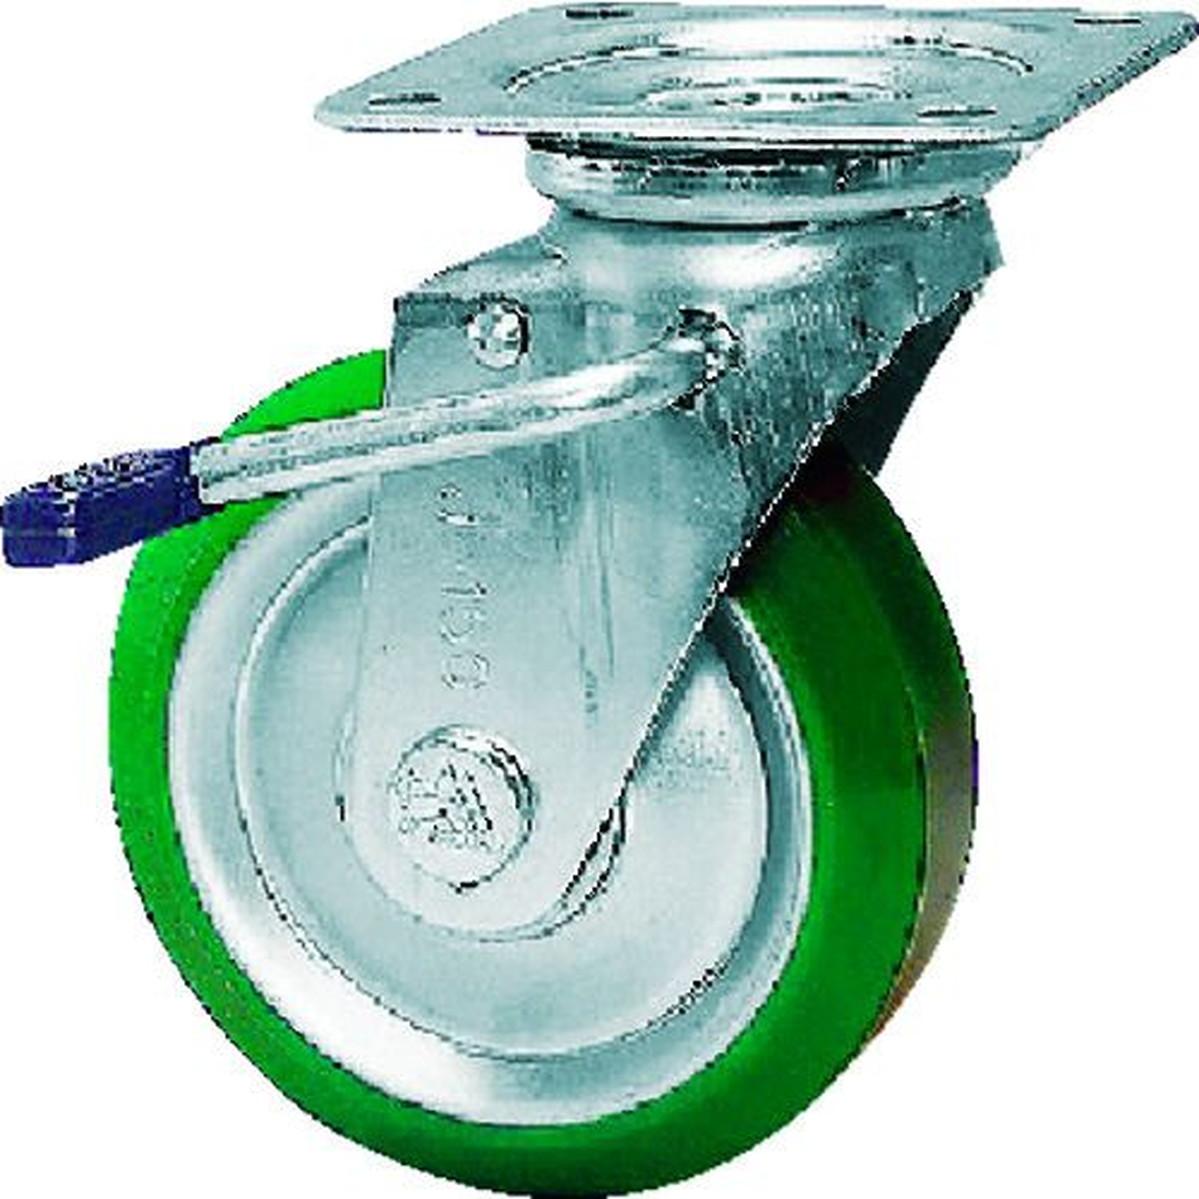 豪華で新しい シシク スタンダードプレスキャスター ウレタン車輪 1個 自在ストッパー付 シシク 250径 スタンダードプレスキャスター 1個, La Amalfi:41a35581 --- promotime.lt